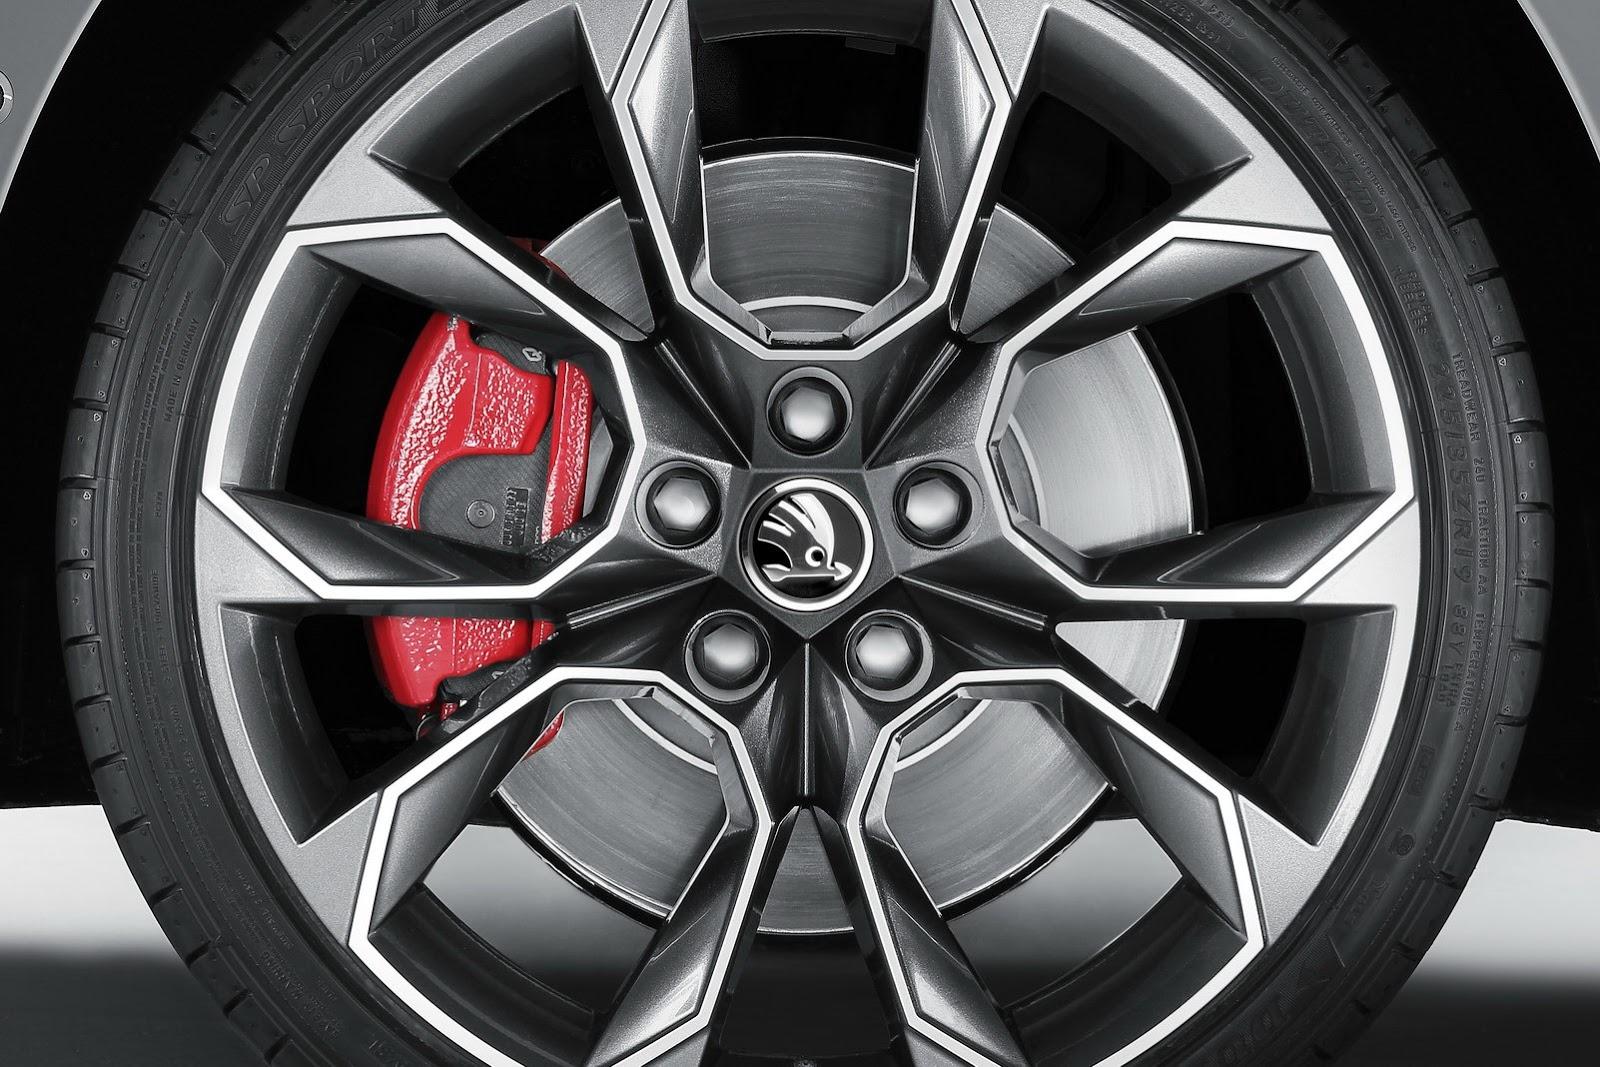 Размер зимних шин шкода октавия а7 1 4 tsi 29 фотография